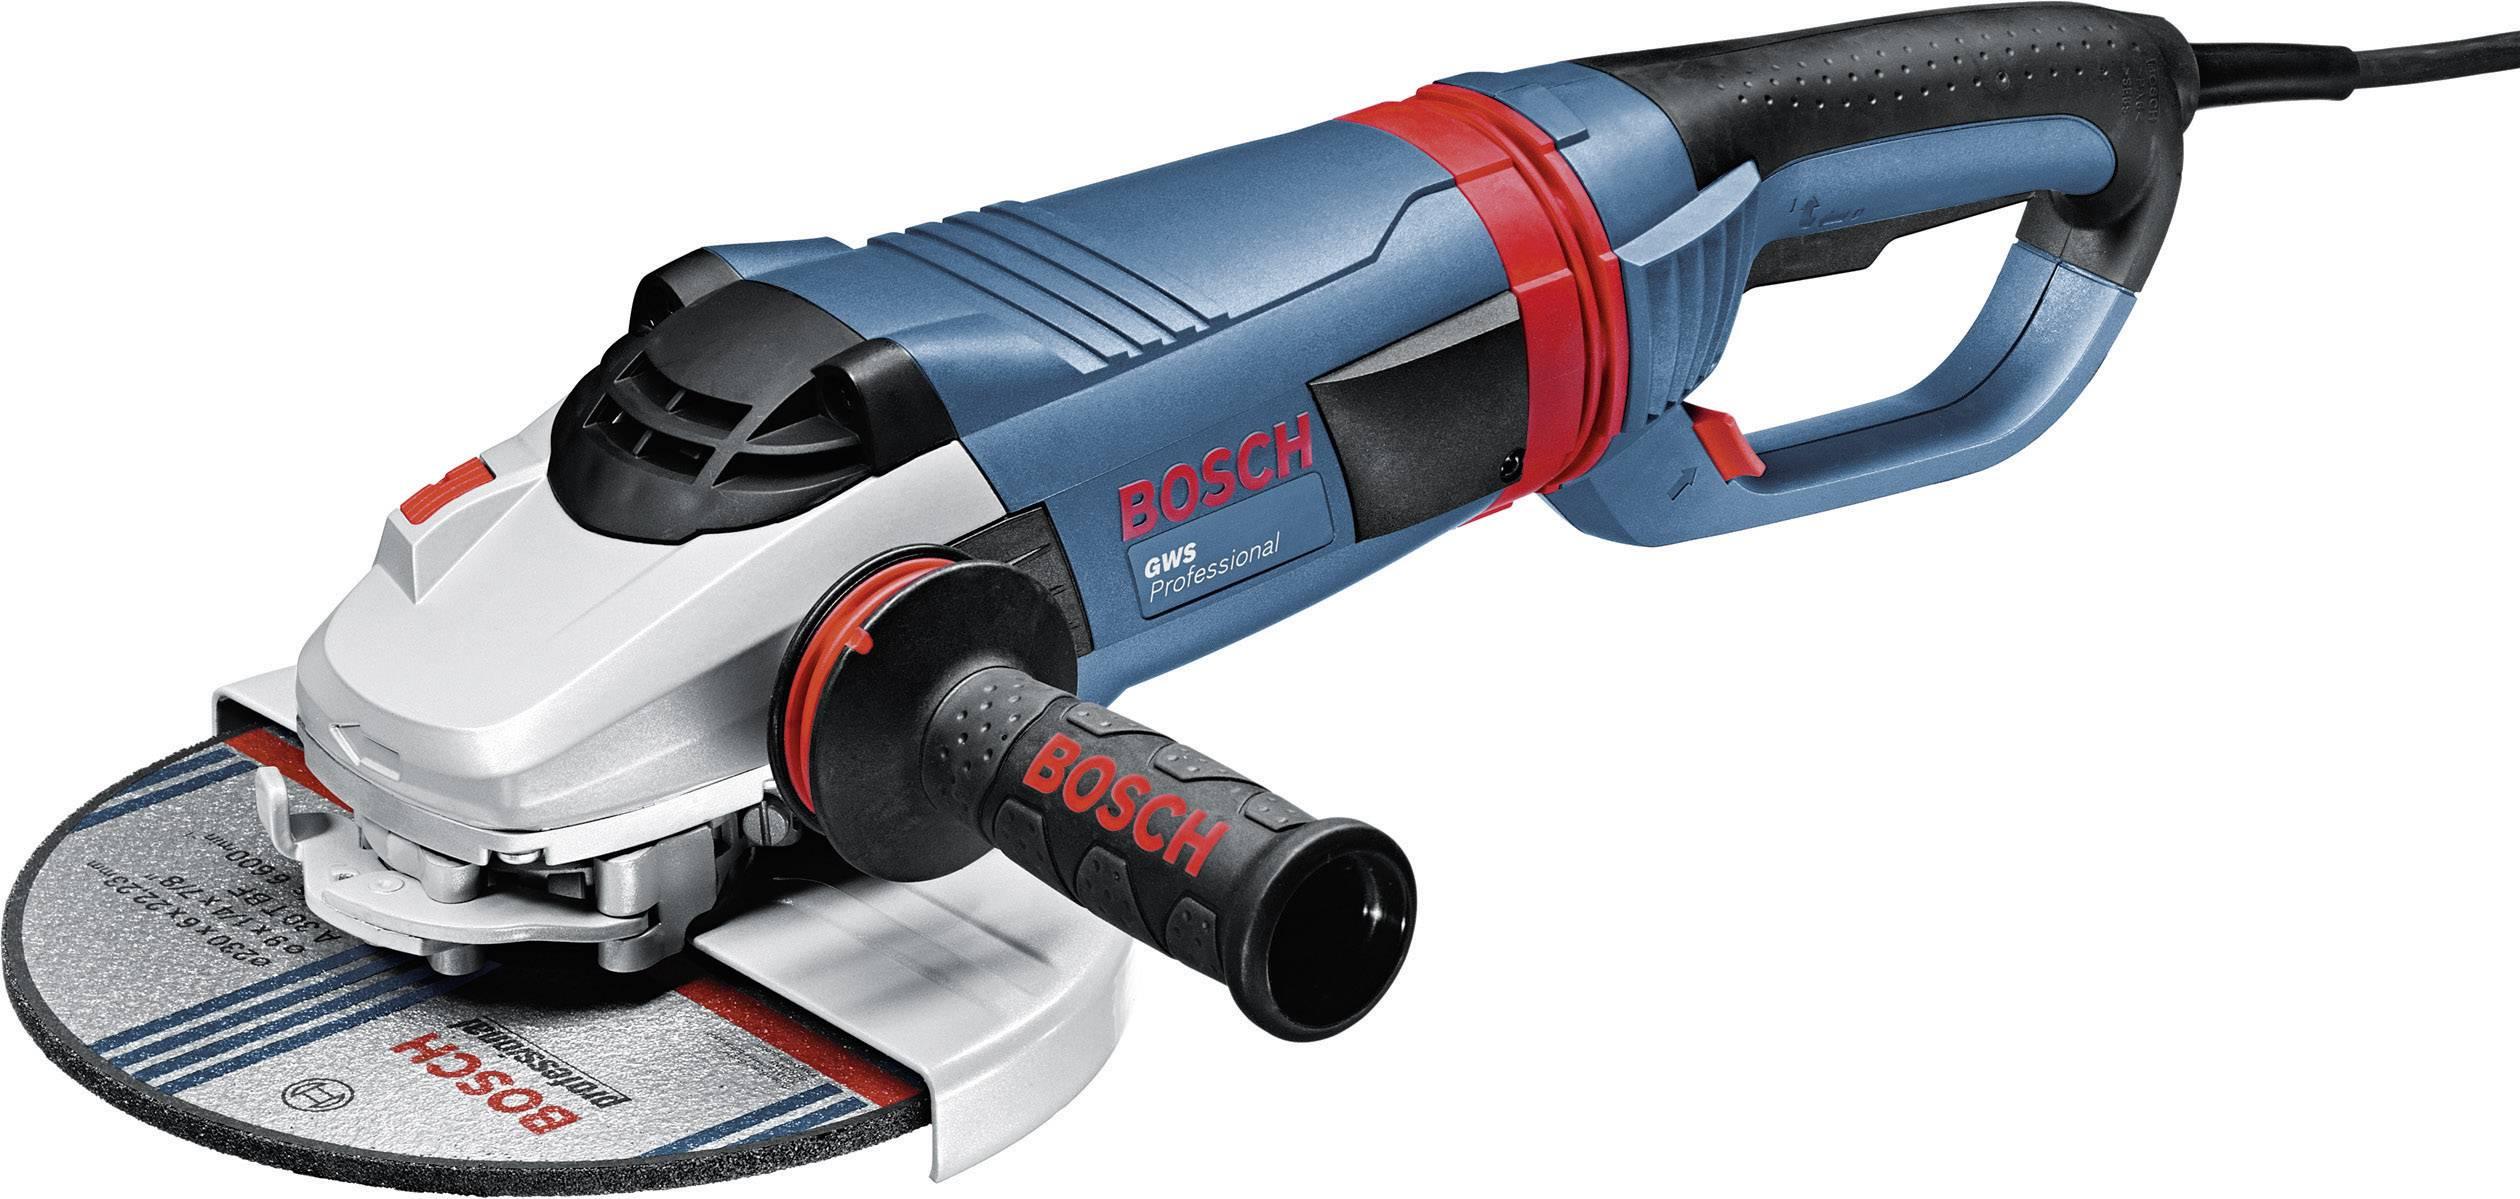 Bosch GWS 7-115 Meuleuse professionnelle Bosch Professional 0601388106 6b0d30ce59c2